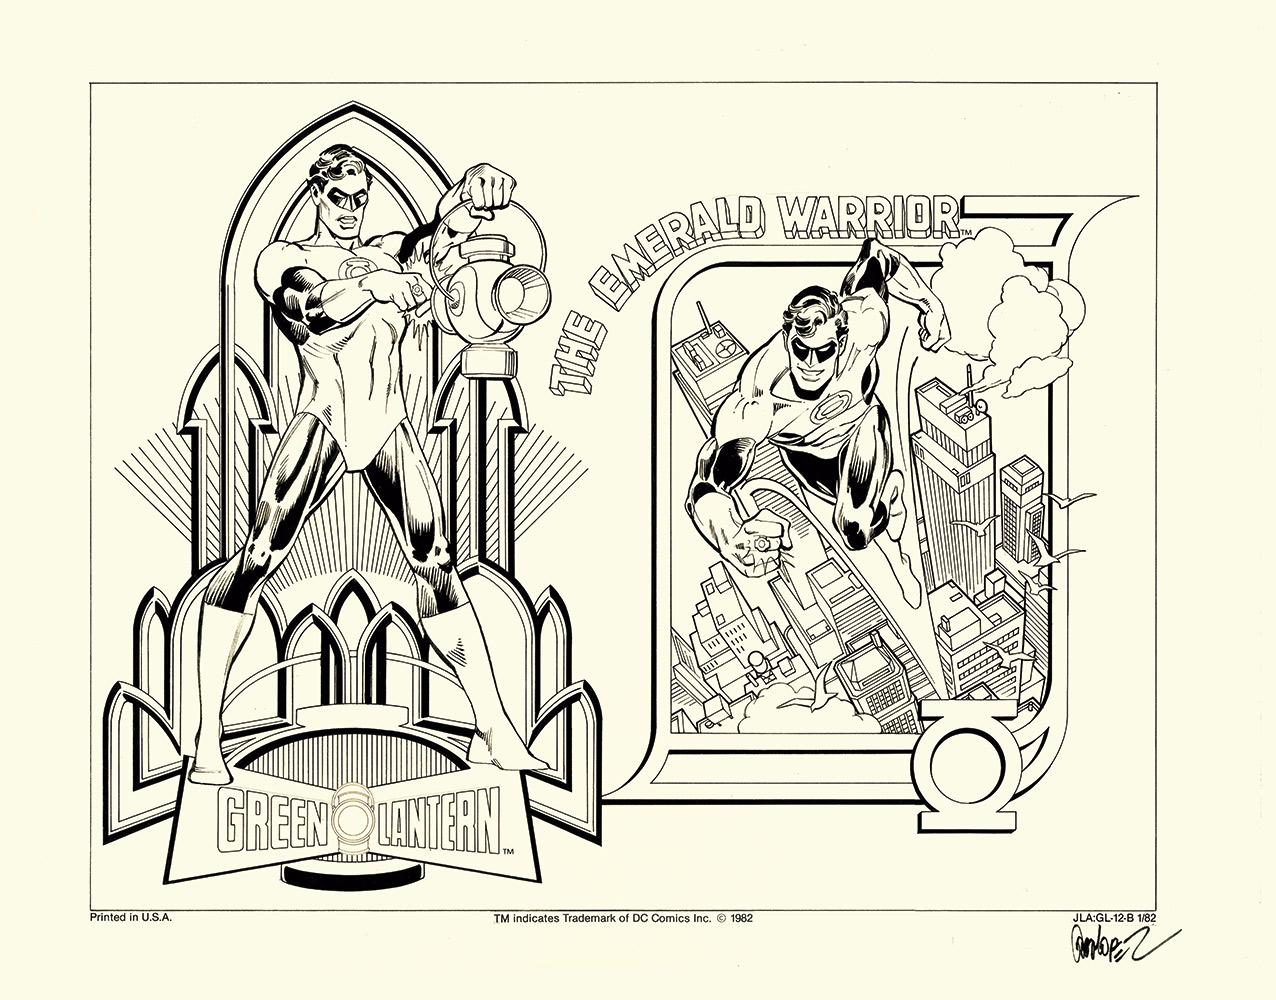 JOSÉ LUIS GARCÍA LÓPEZ GREEN LANTERN: THE EMERALD WARRIOR DC Comics, EE. UU., 1982 Ilustración para merchandising Collage con tinta y lápiz sobre cartulina 304 x 400 mm Colección privada